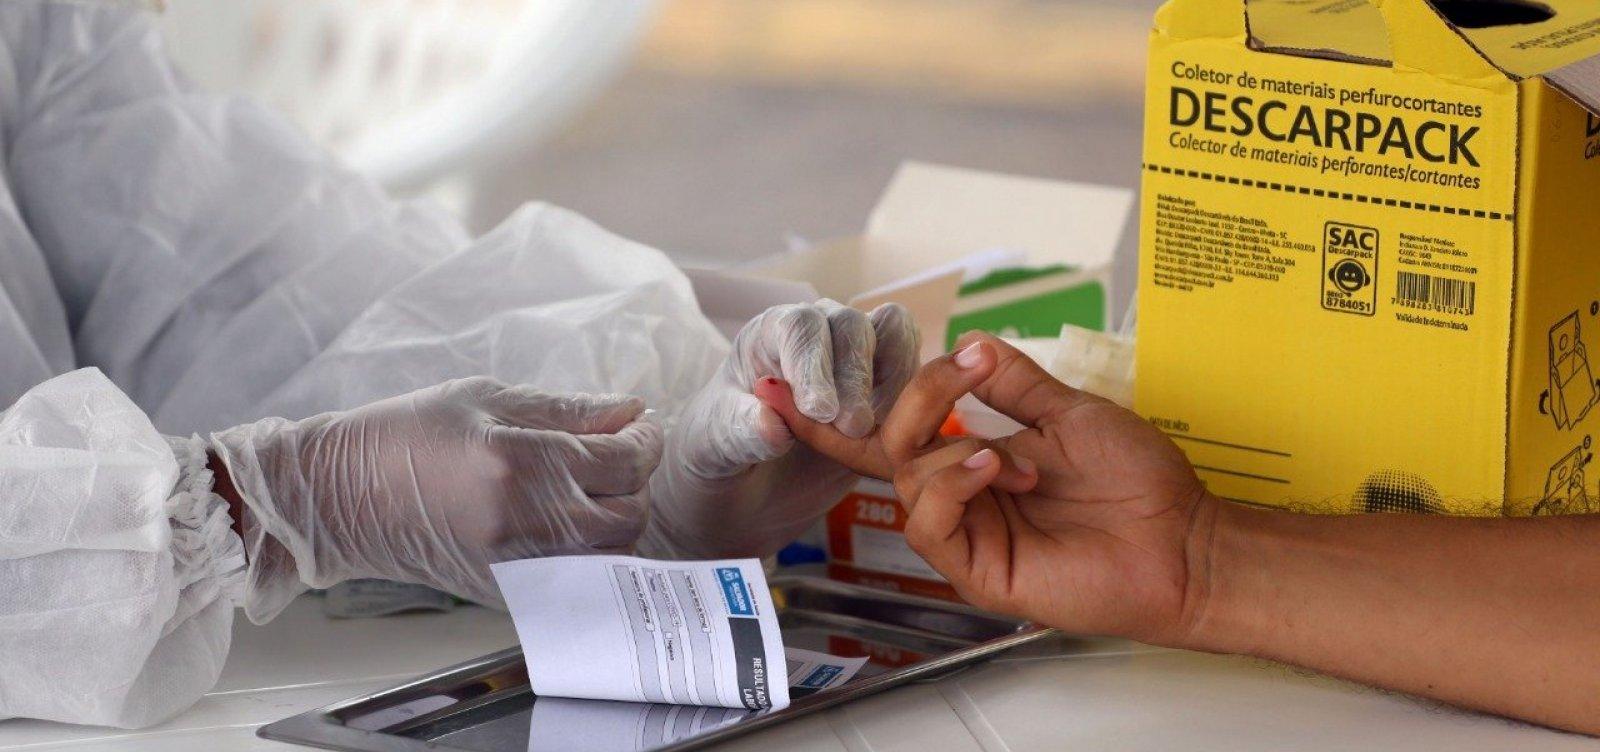 [Bahia registra 1.780 novos casos de Covid-19 nas últimas 24h]